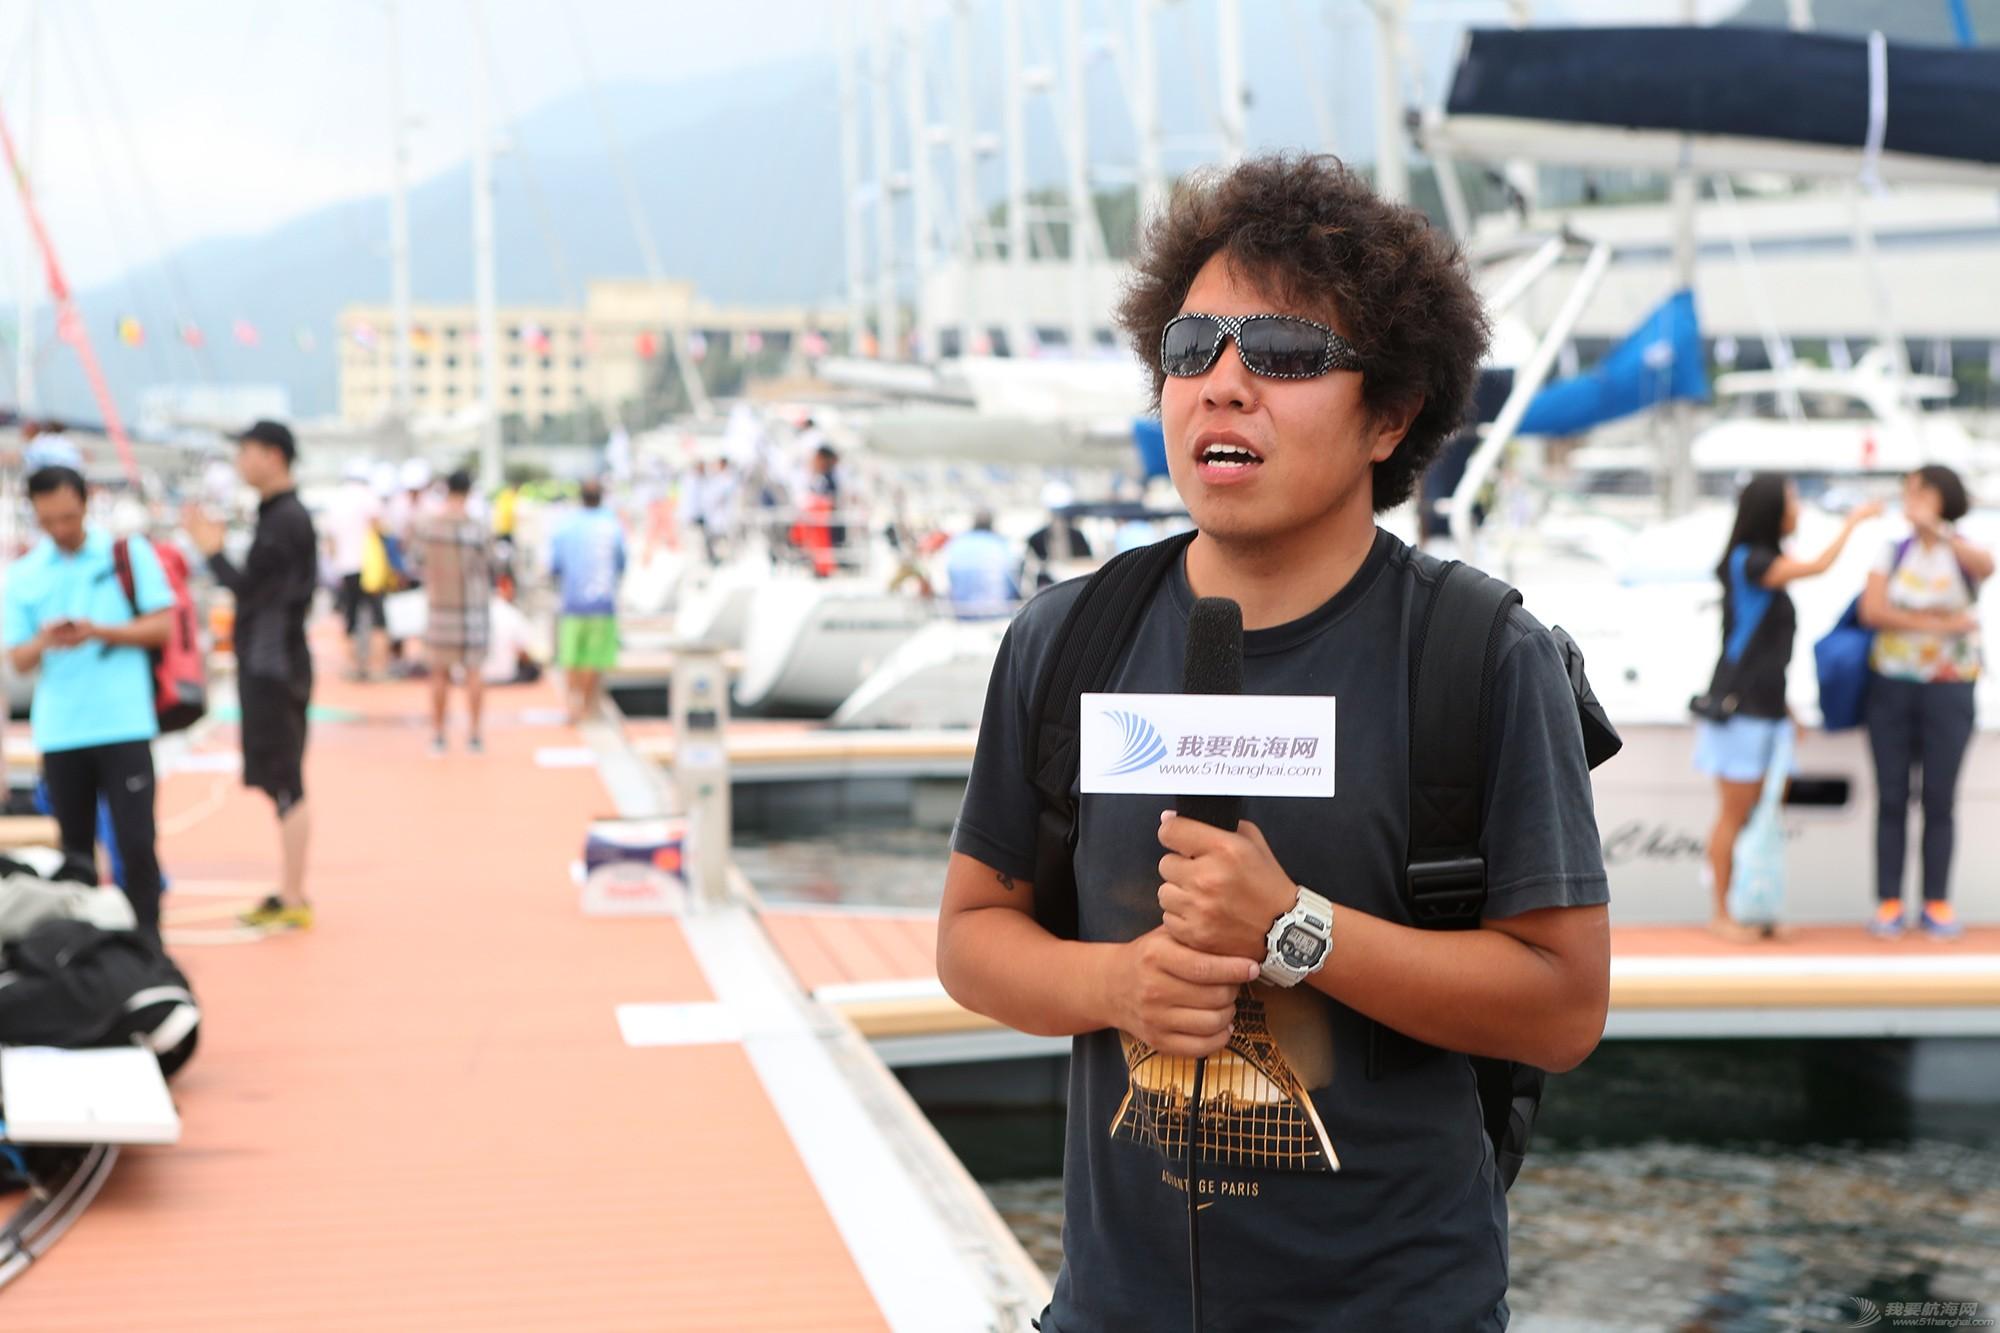 中国 我要航海网采访宋坤、徐京坤、翁少瑛等参加中国杯的船长、船员 (视频) 5V8A6575.JPG